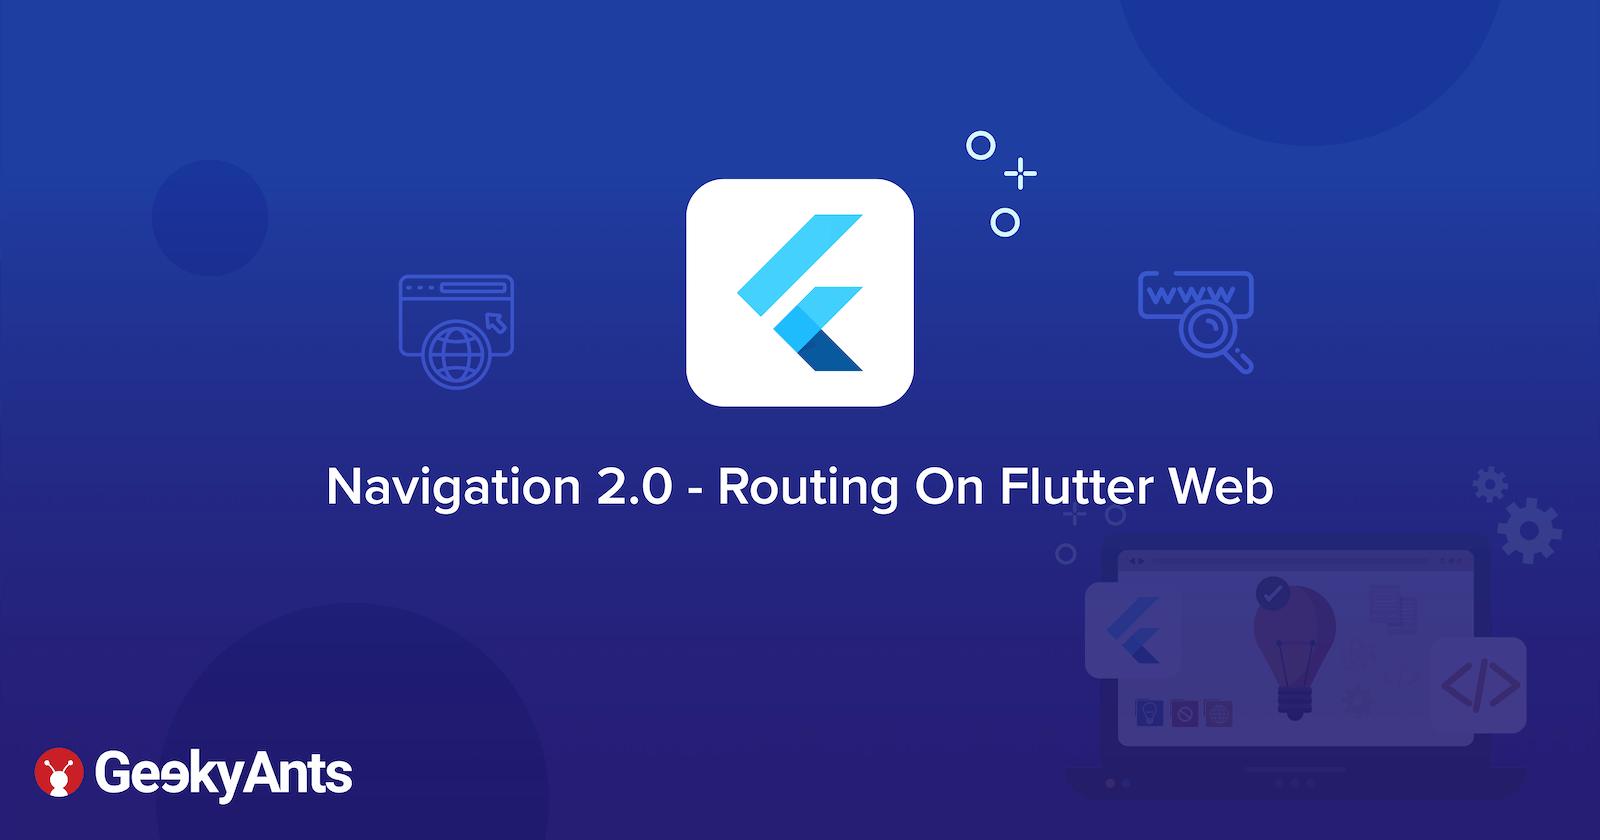 Navigation 2.0 - Routing On Flutter Web